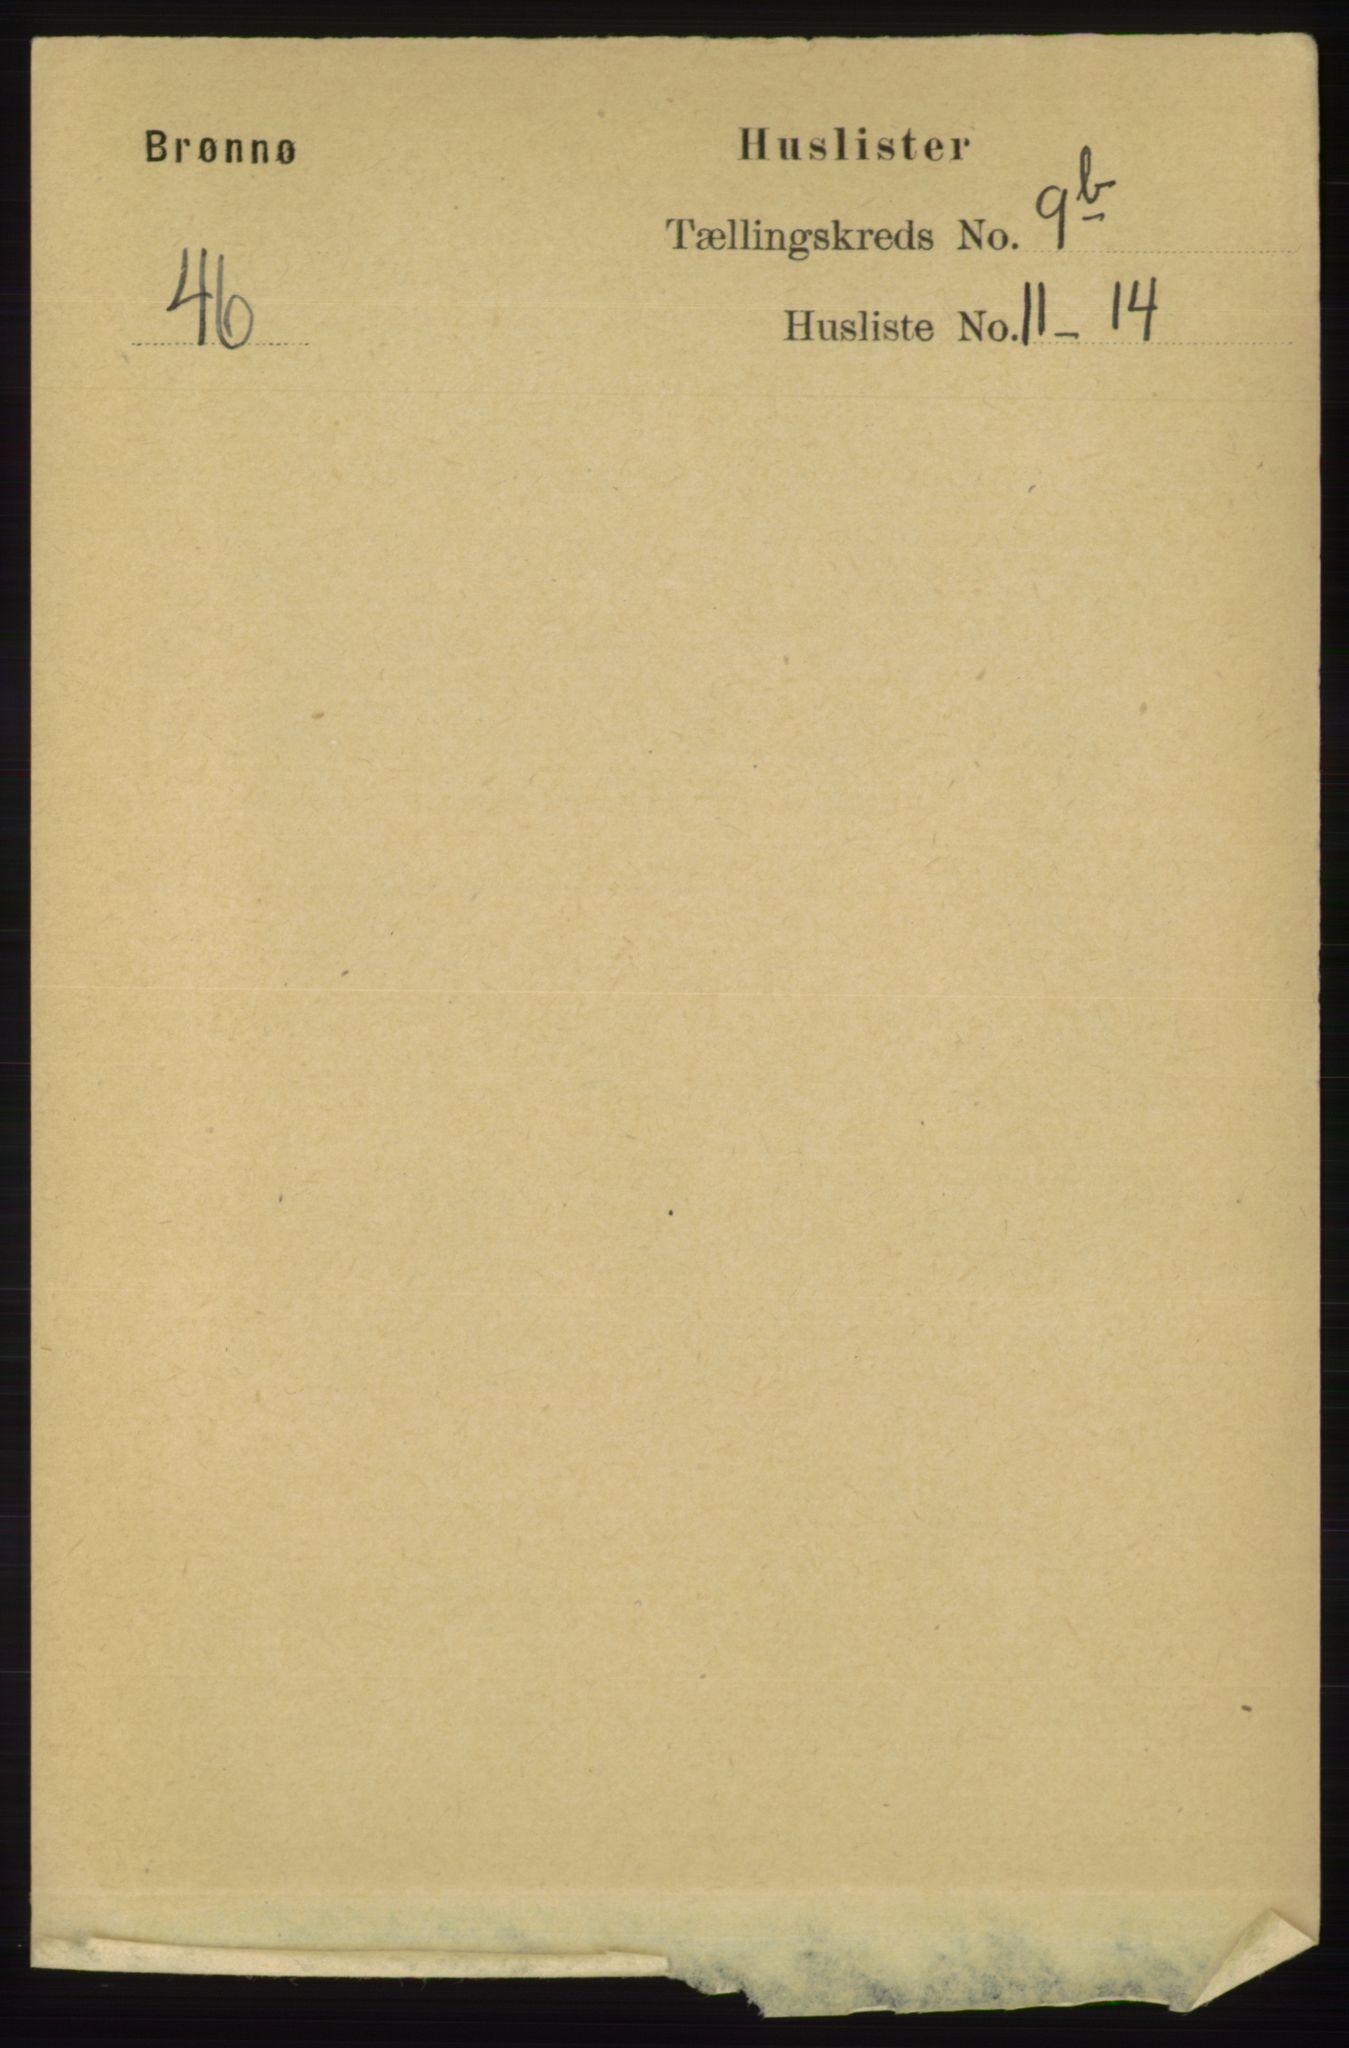 RA, Folketelling 1891 for 1814 Brønnøy herred, 1891, s. 5475